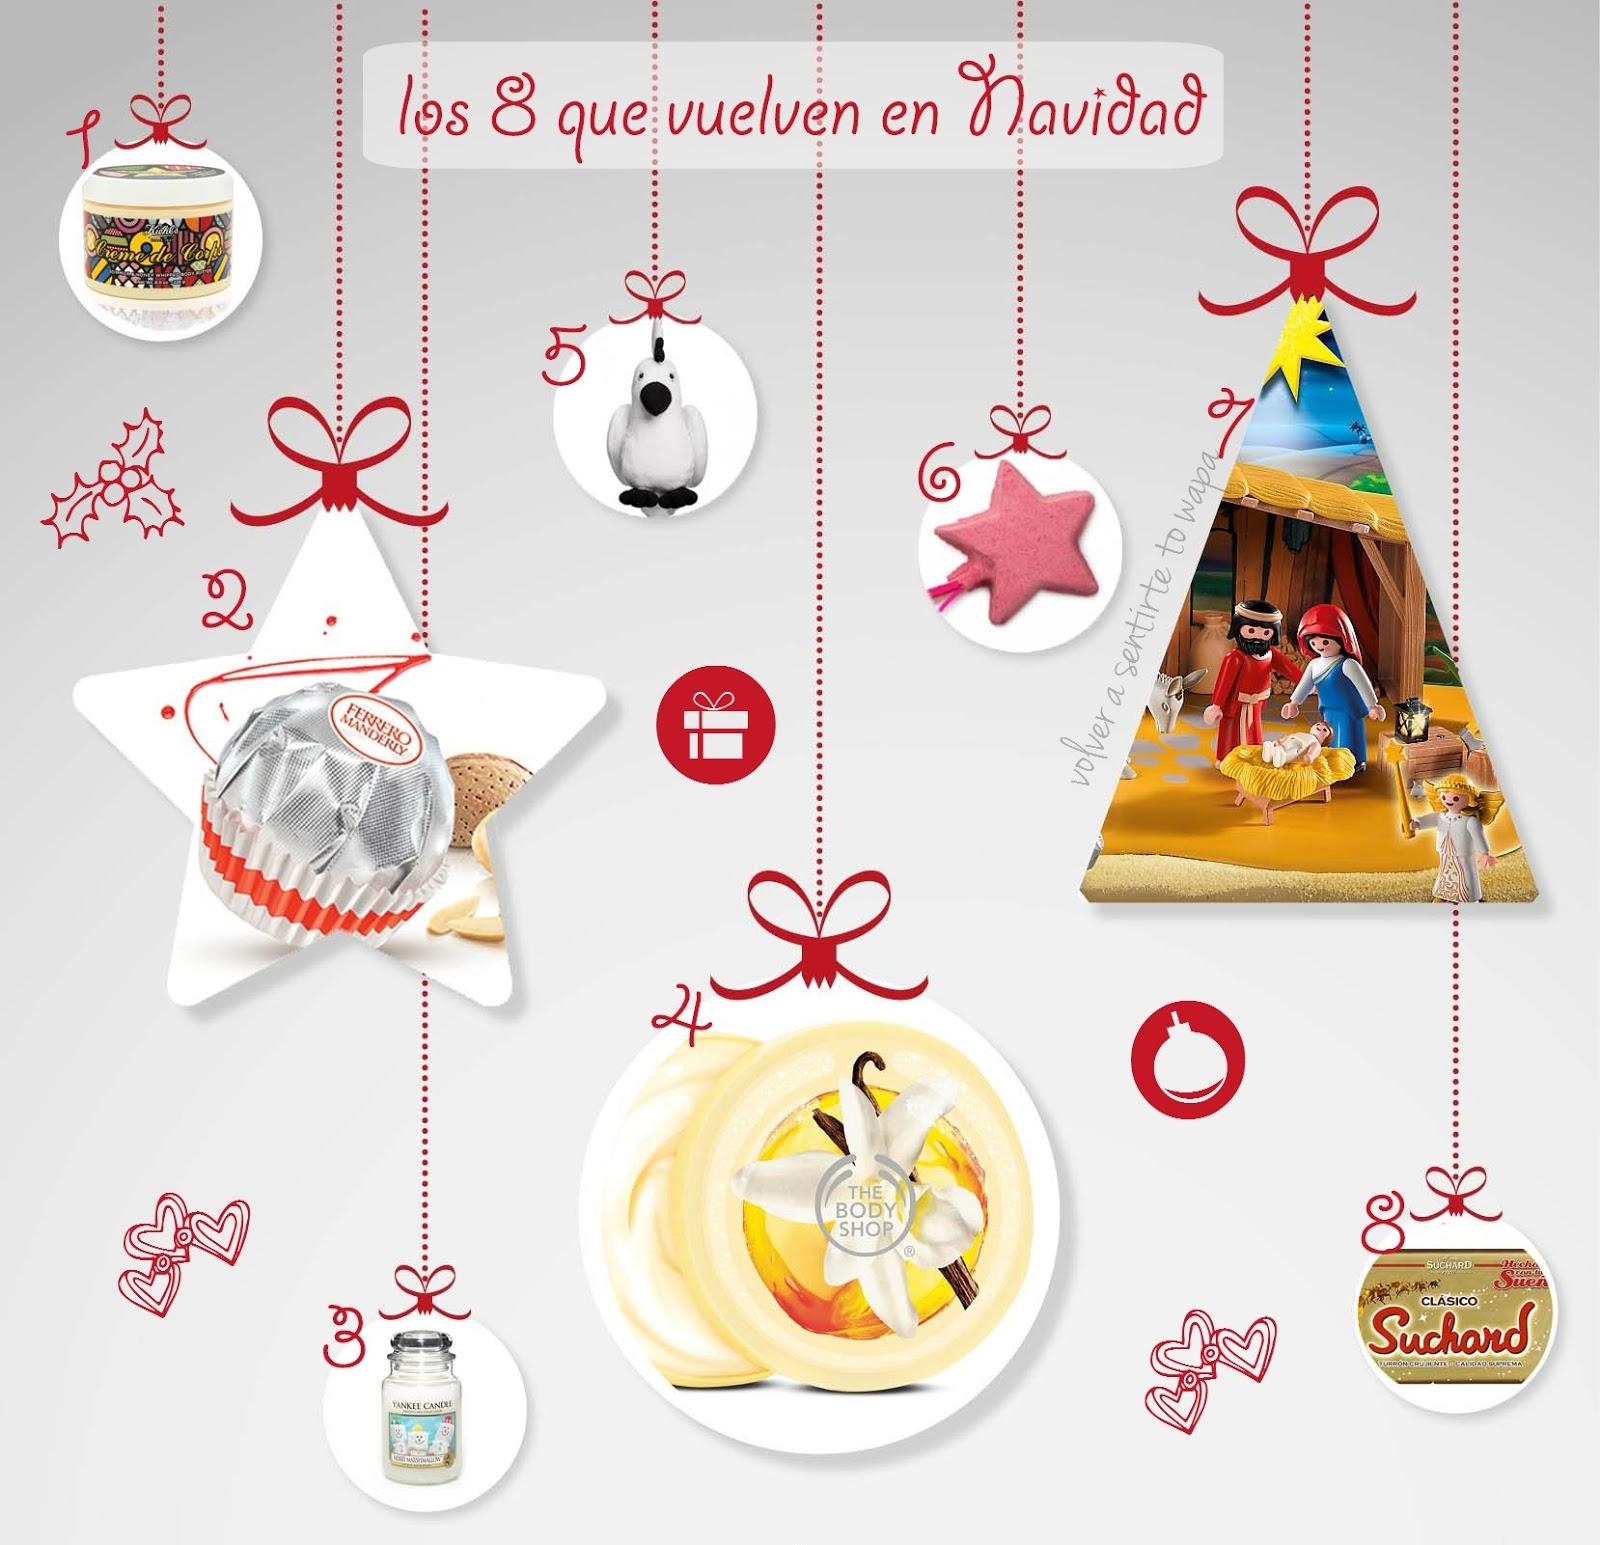 8 productos que vuelven en Navidad